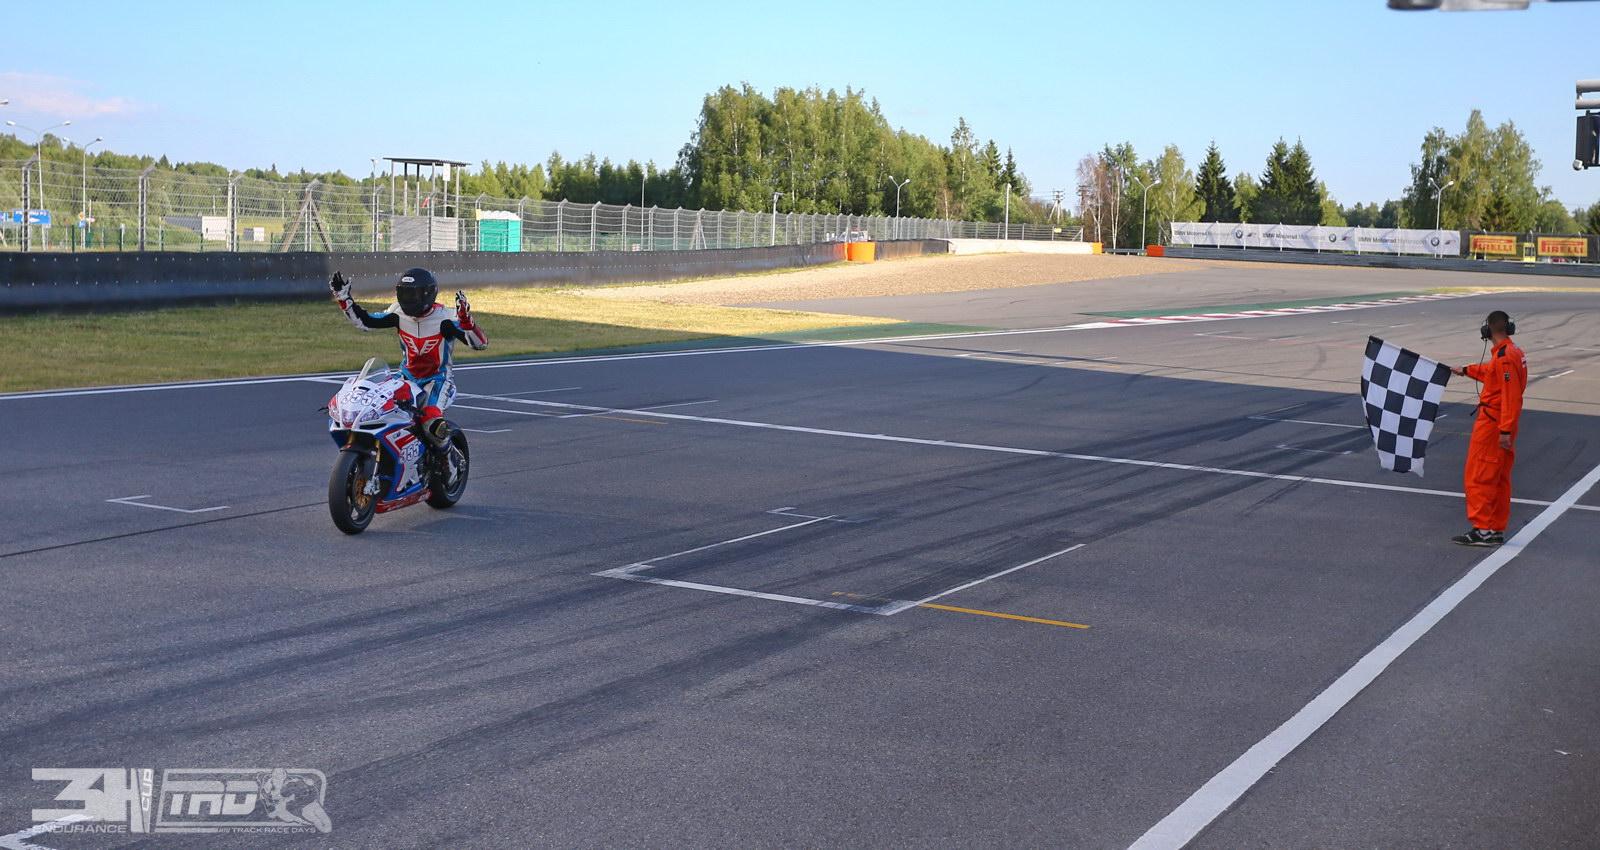 У Саши Павлова кончился бензин перед самым финишем